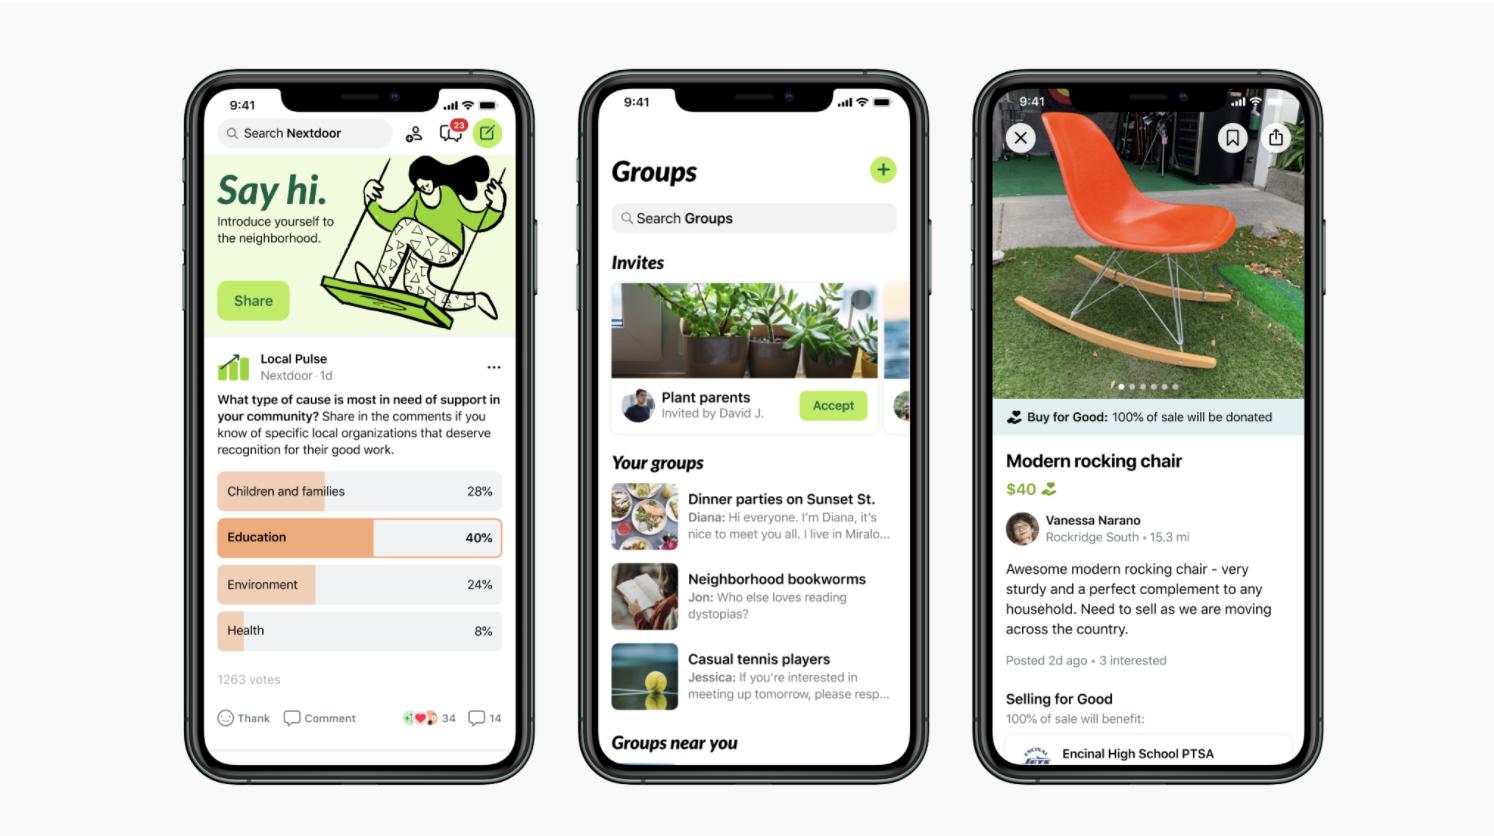 Nextdoor Generic App screens